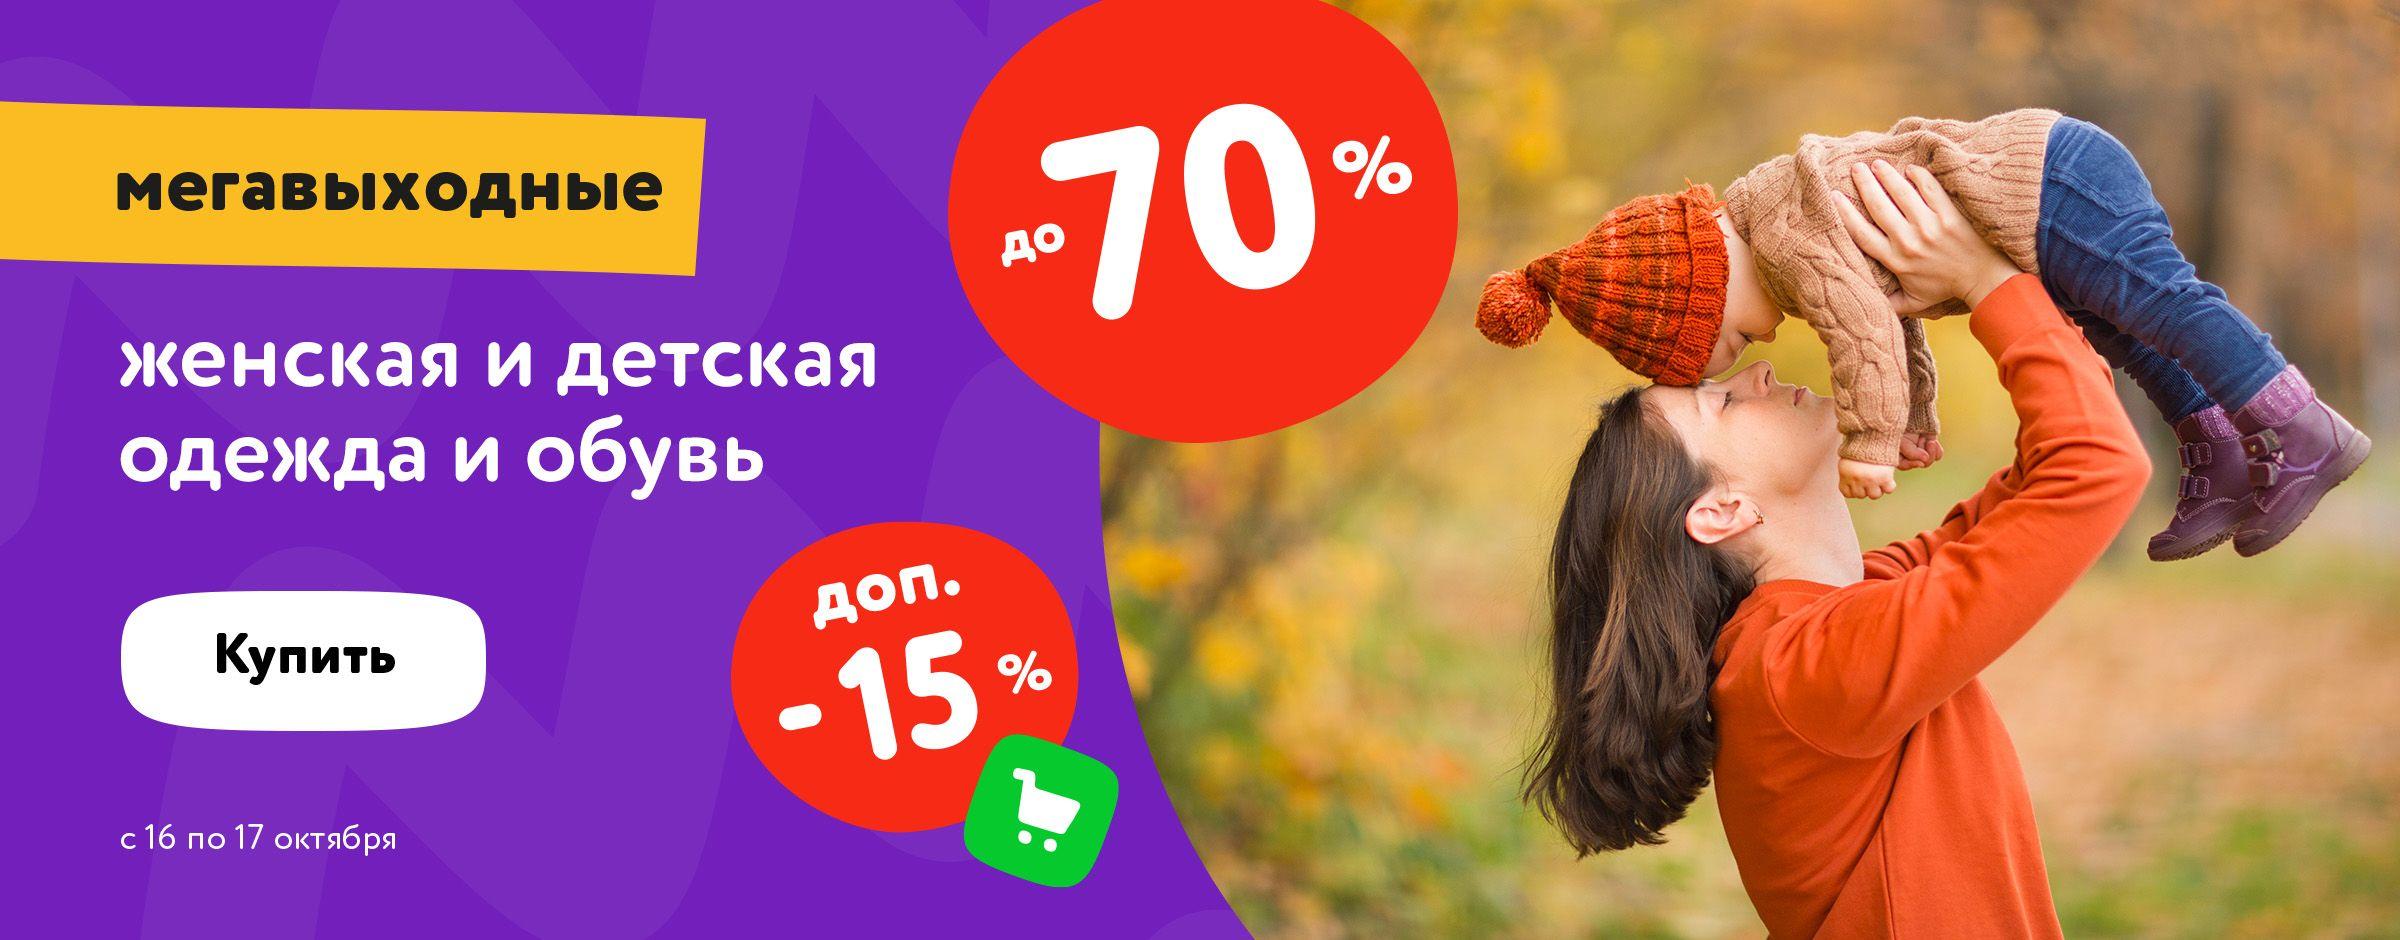 Скидки до 70% на детскую и женскую одежду и обувь + доп. скидка 15% в корзине